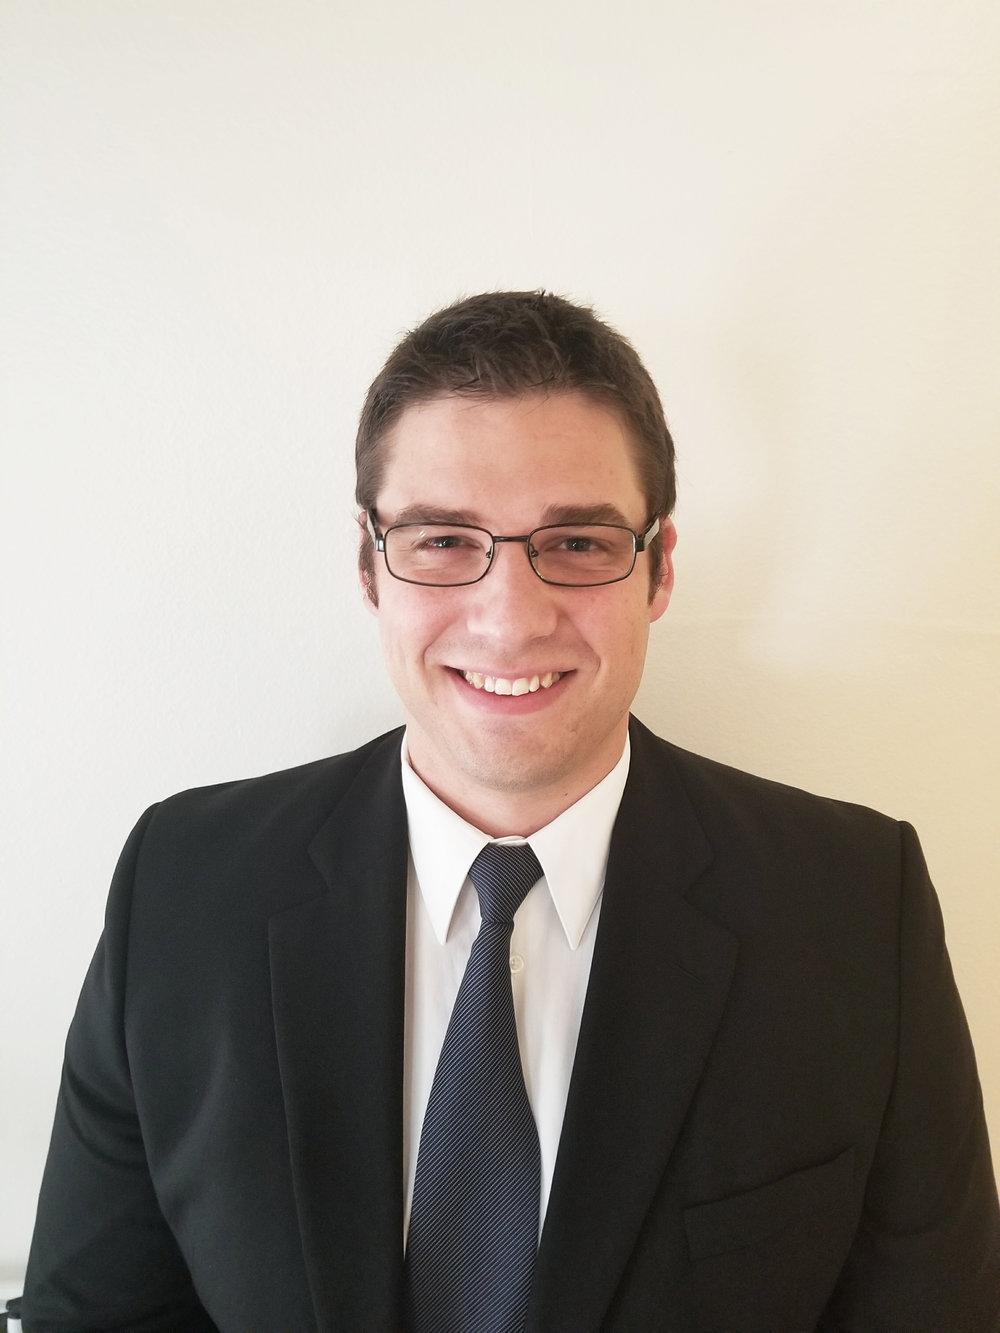 Evan Cox, MBA